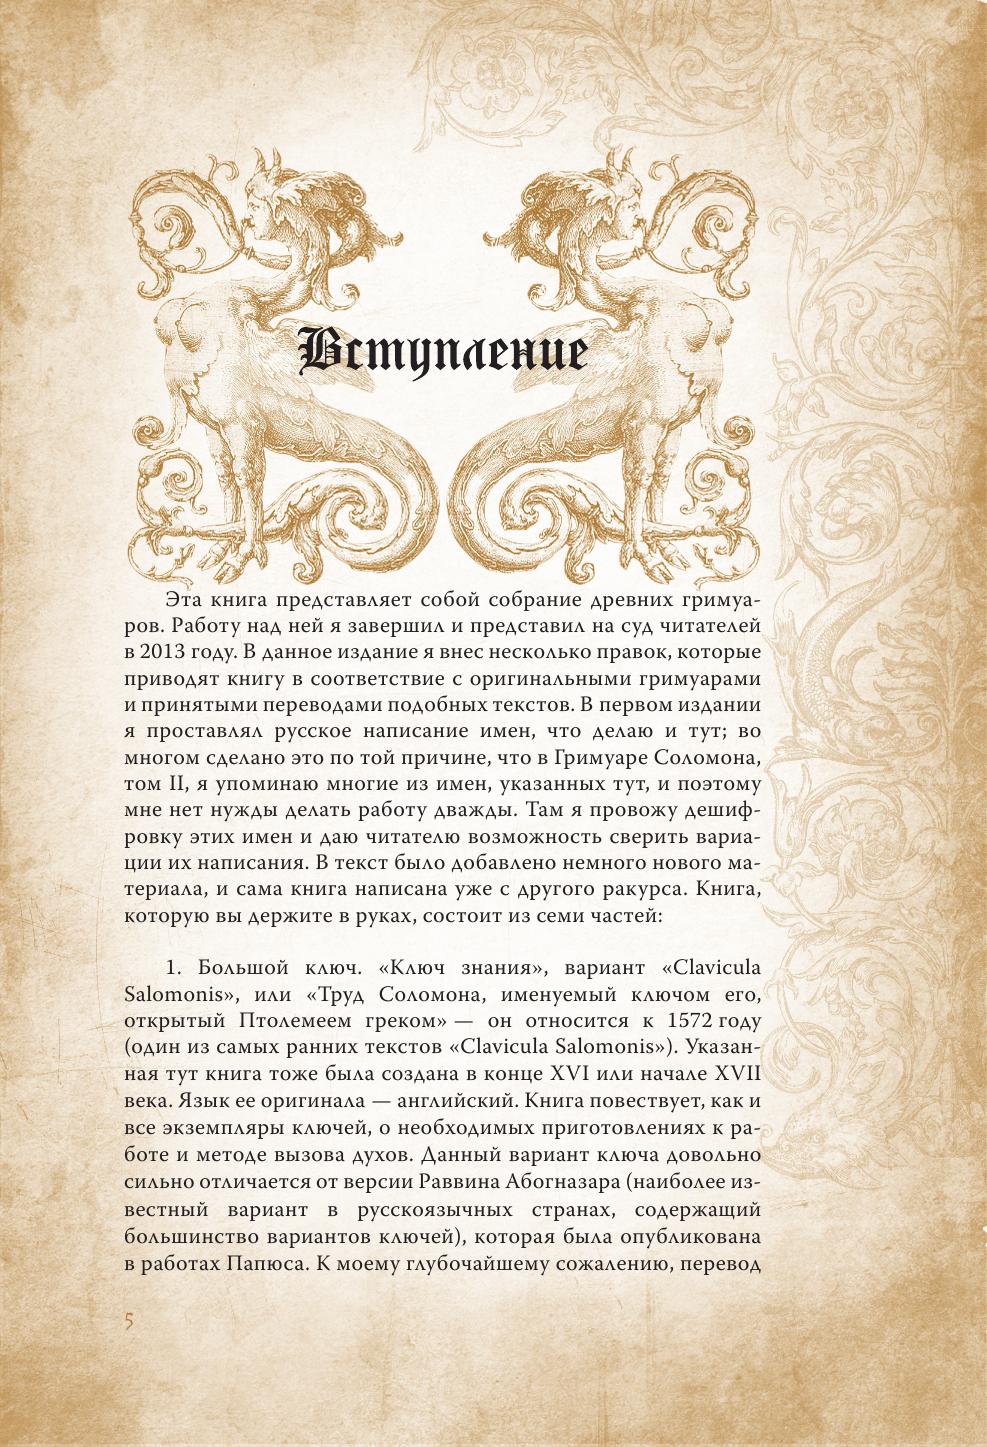 Древние магические книги: ключ к тайным знаниям